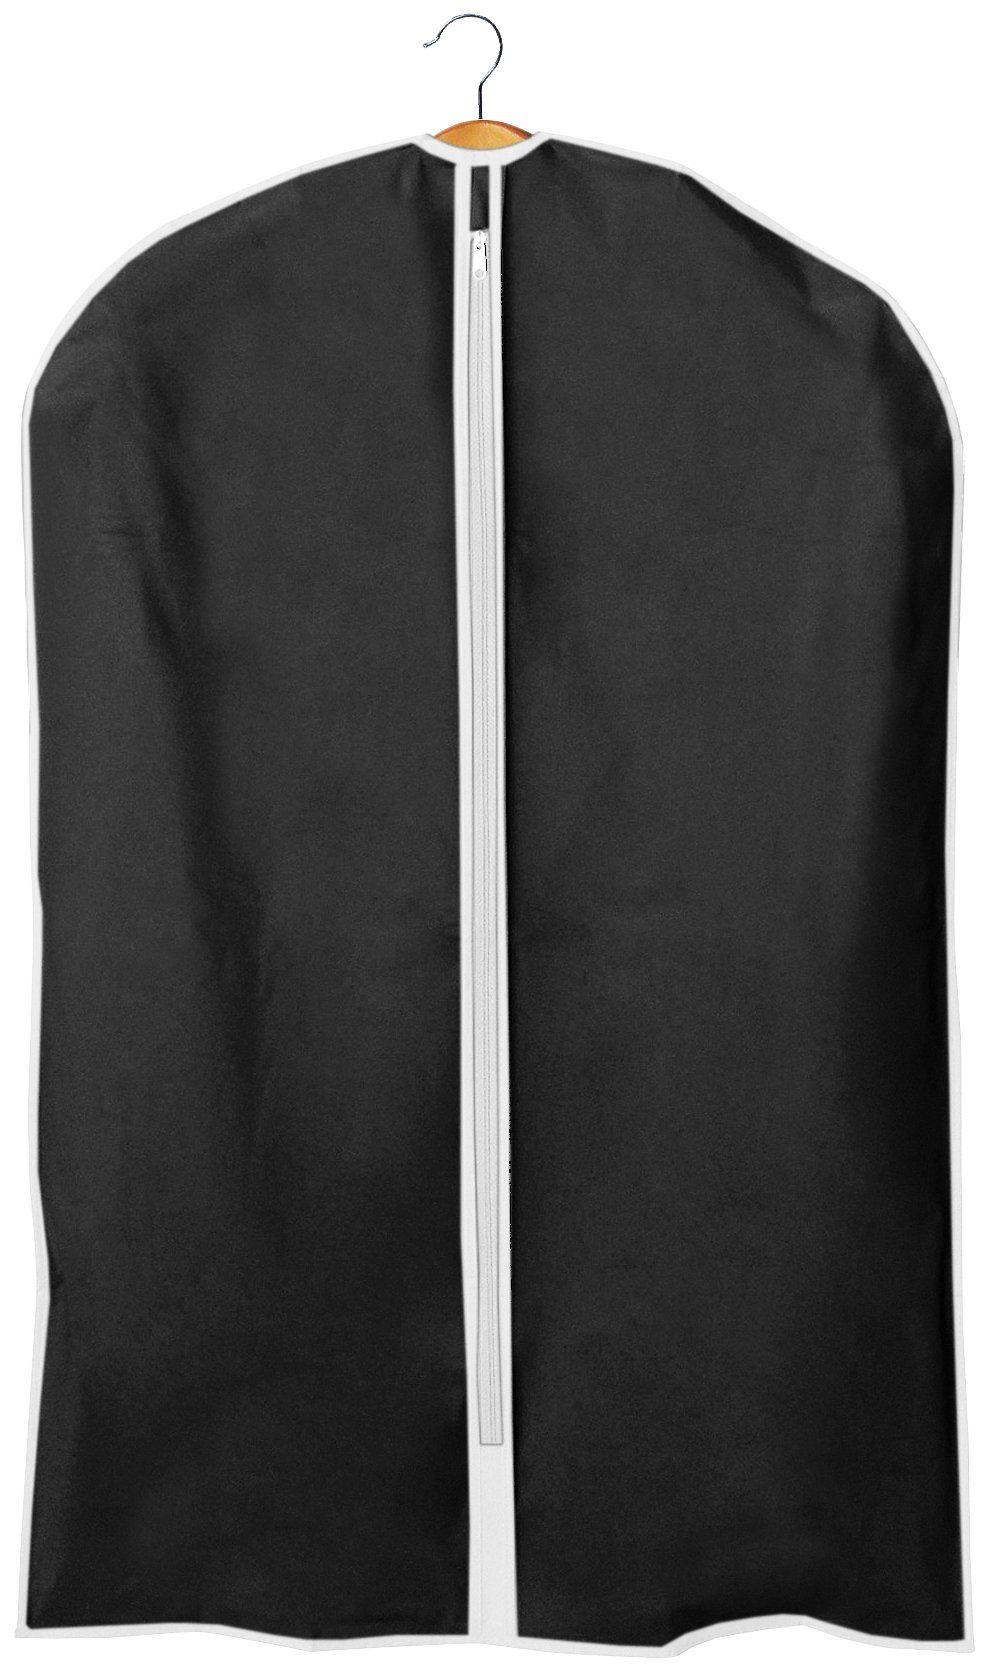 Kleidersack »One Way, Größe M«